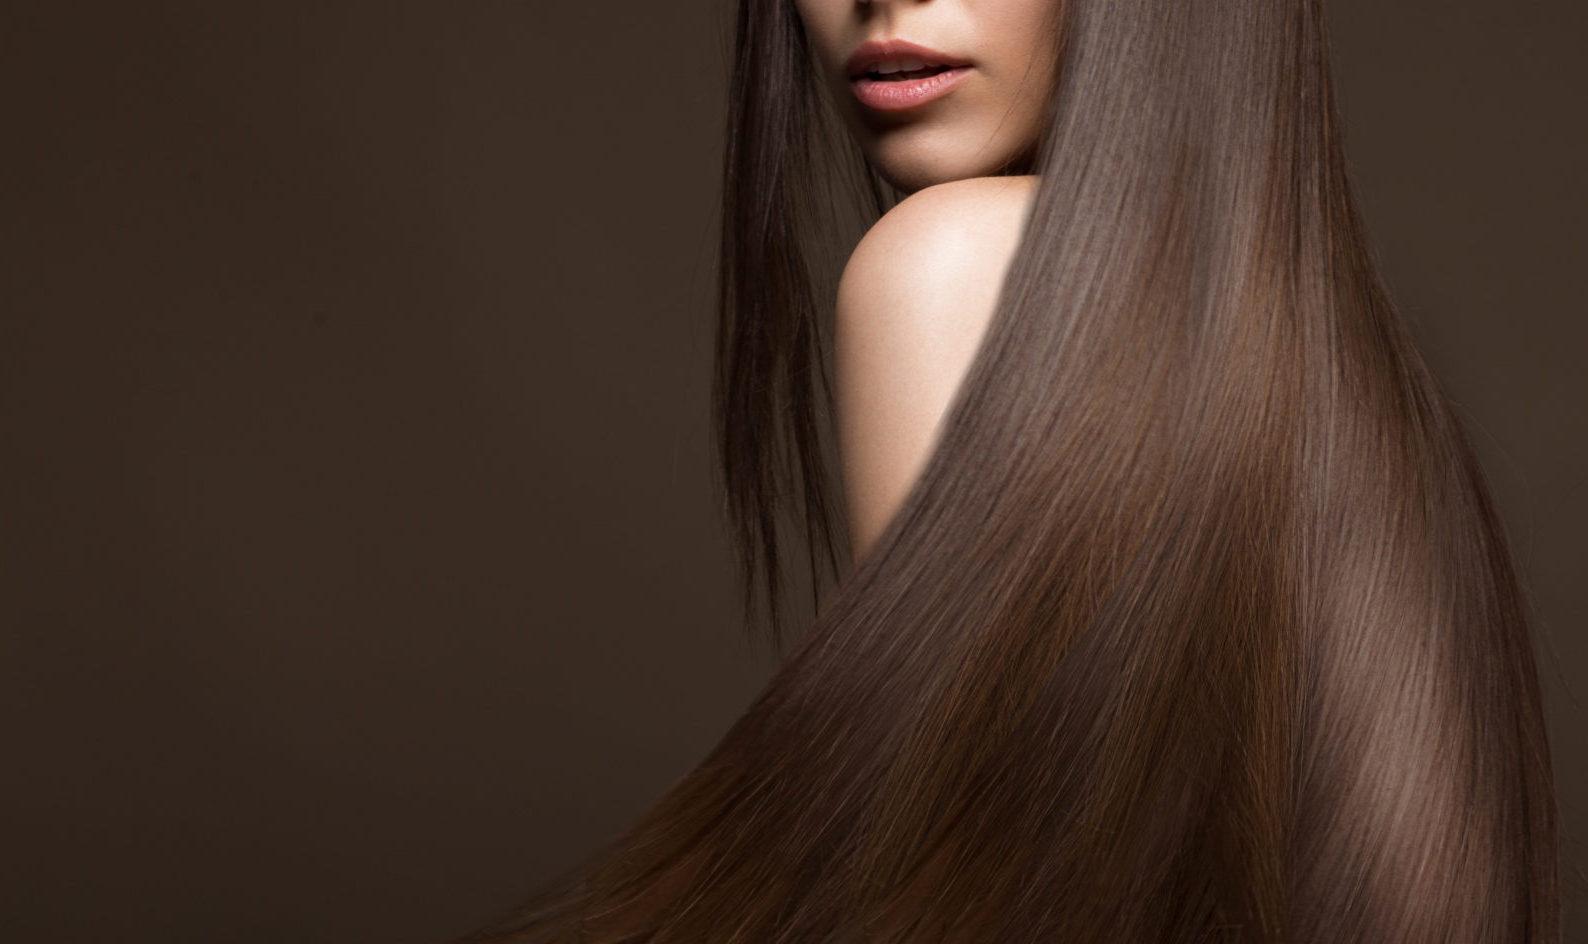 افضل مشاغل ترميم شعر في جدة